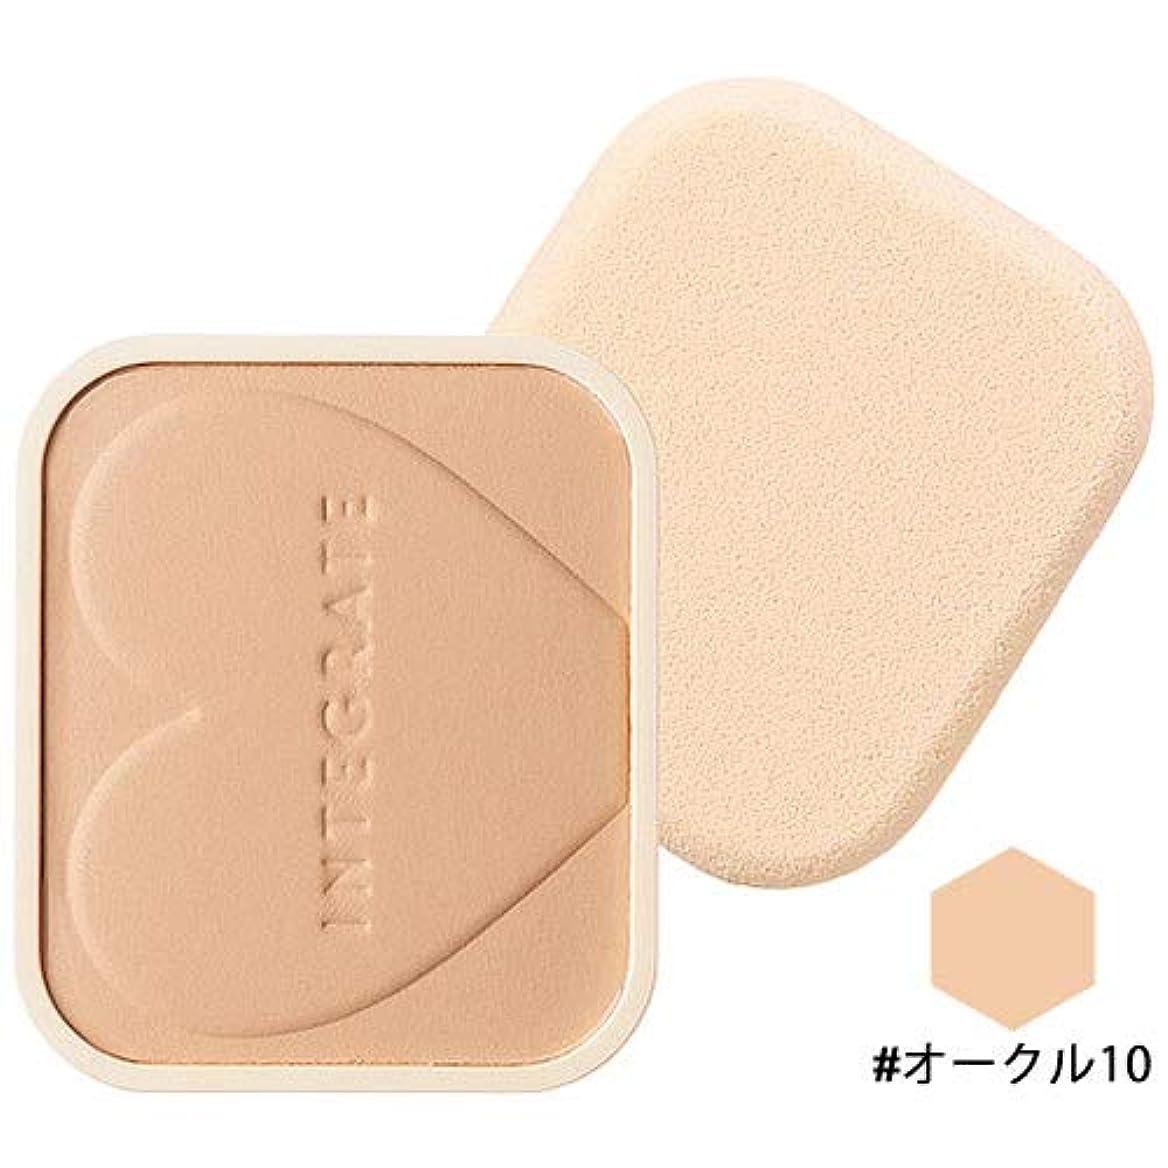 クレジットキャリアスクラップブック資生堂 SHISEIDO インテグレート プロフィニッシュファンデーション(レフィル) #オークル10 [並行輸入品]